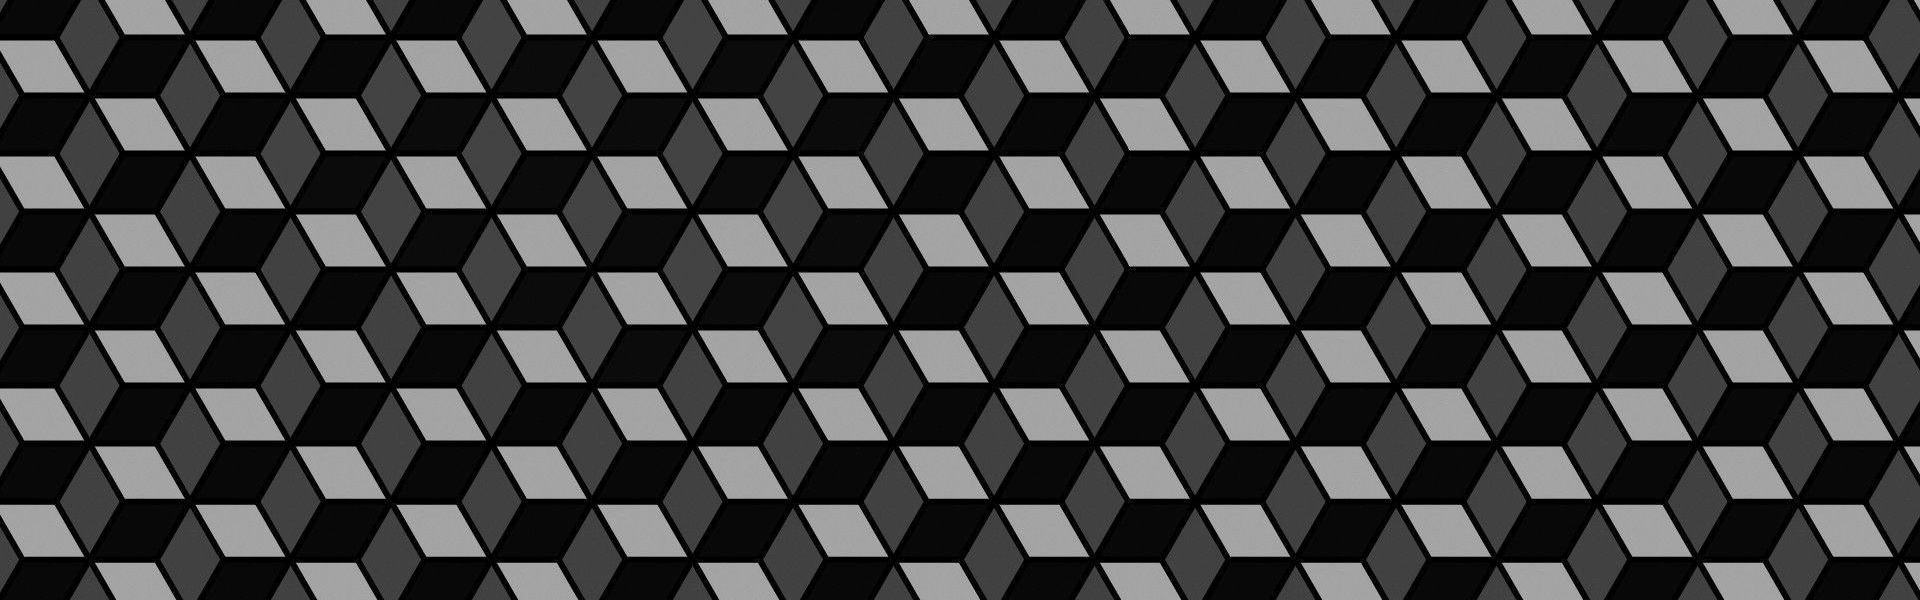 Illusioni ottiche, quando l'immagine prende vita